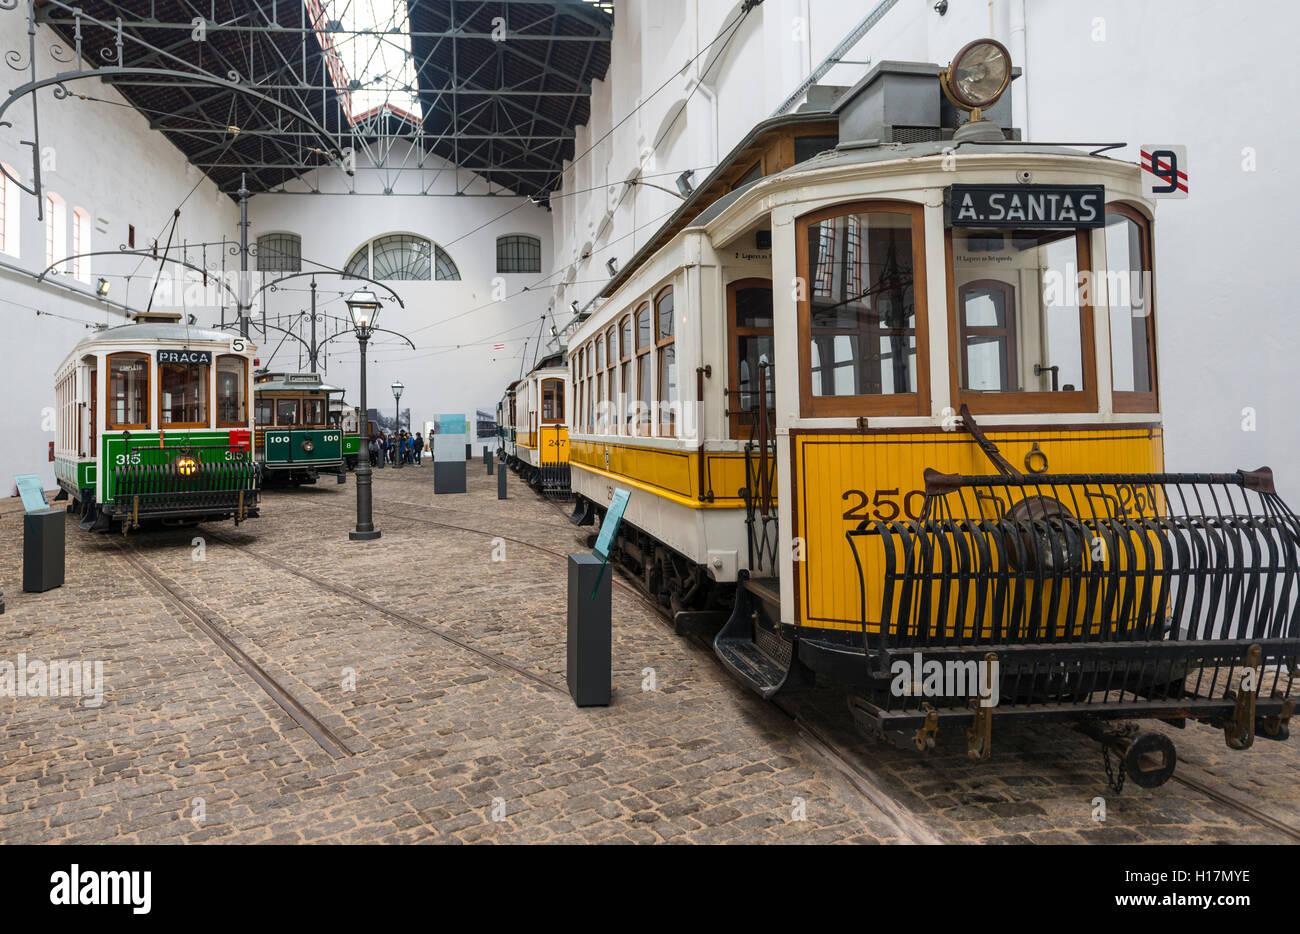 Viejos tranvías amarillos, Museo del tranvía, Museu do carro Electrico da Cidade do Porto, Porto, Portugal Imagen De Stock